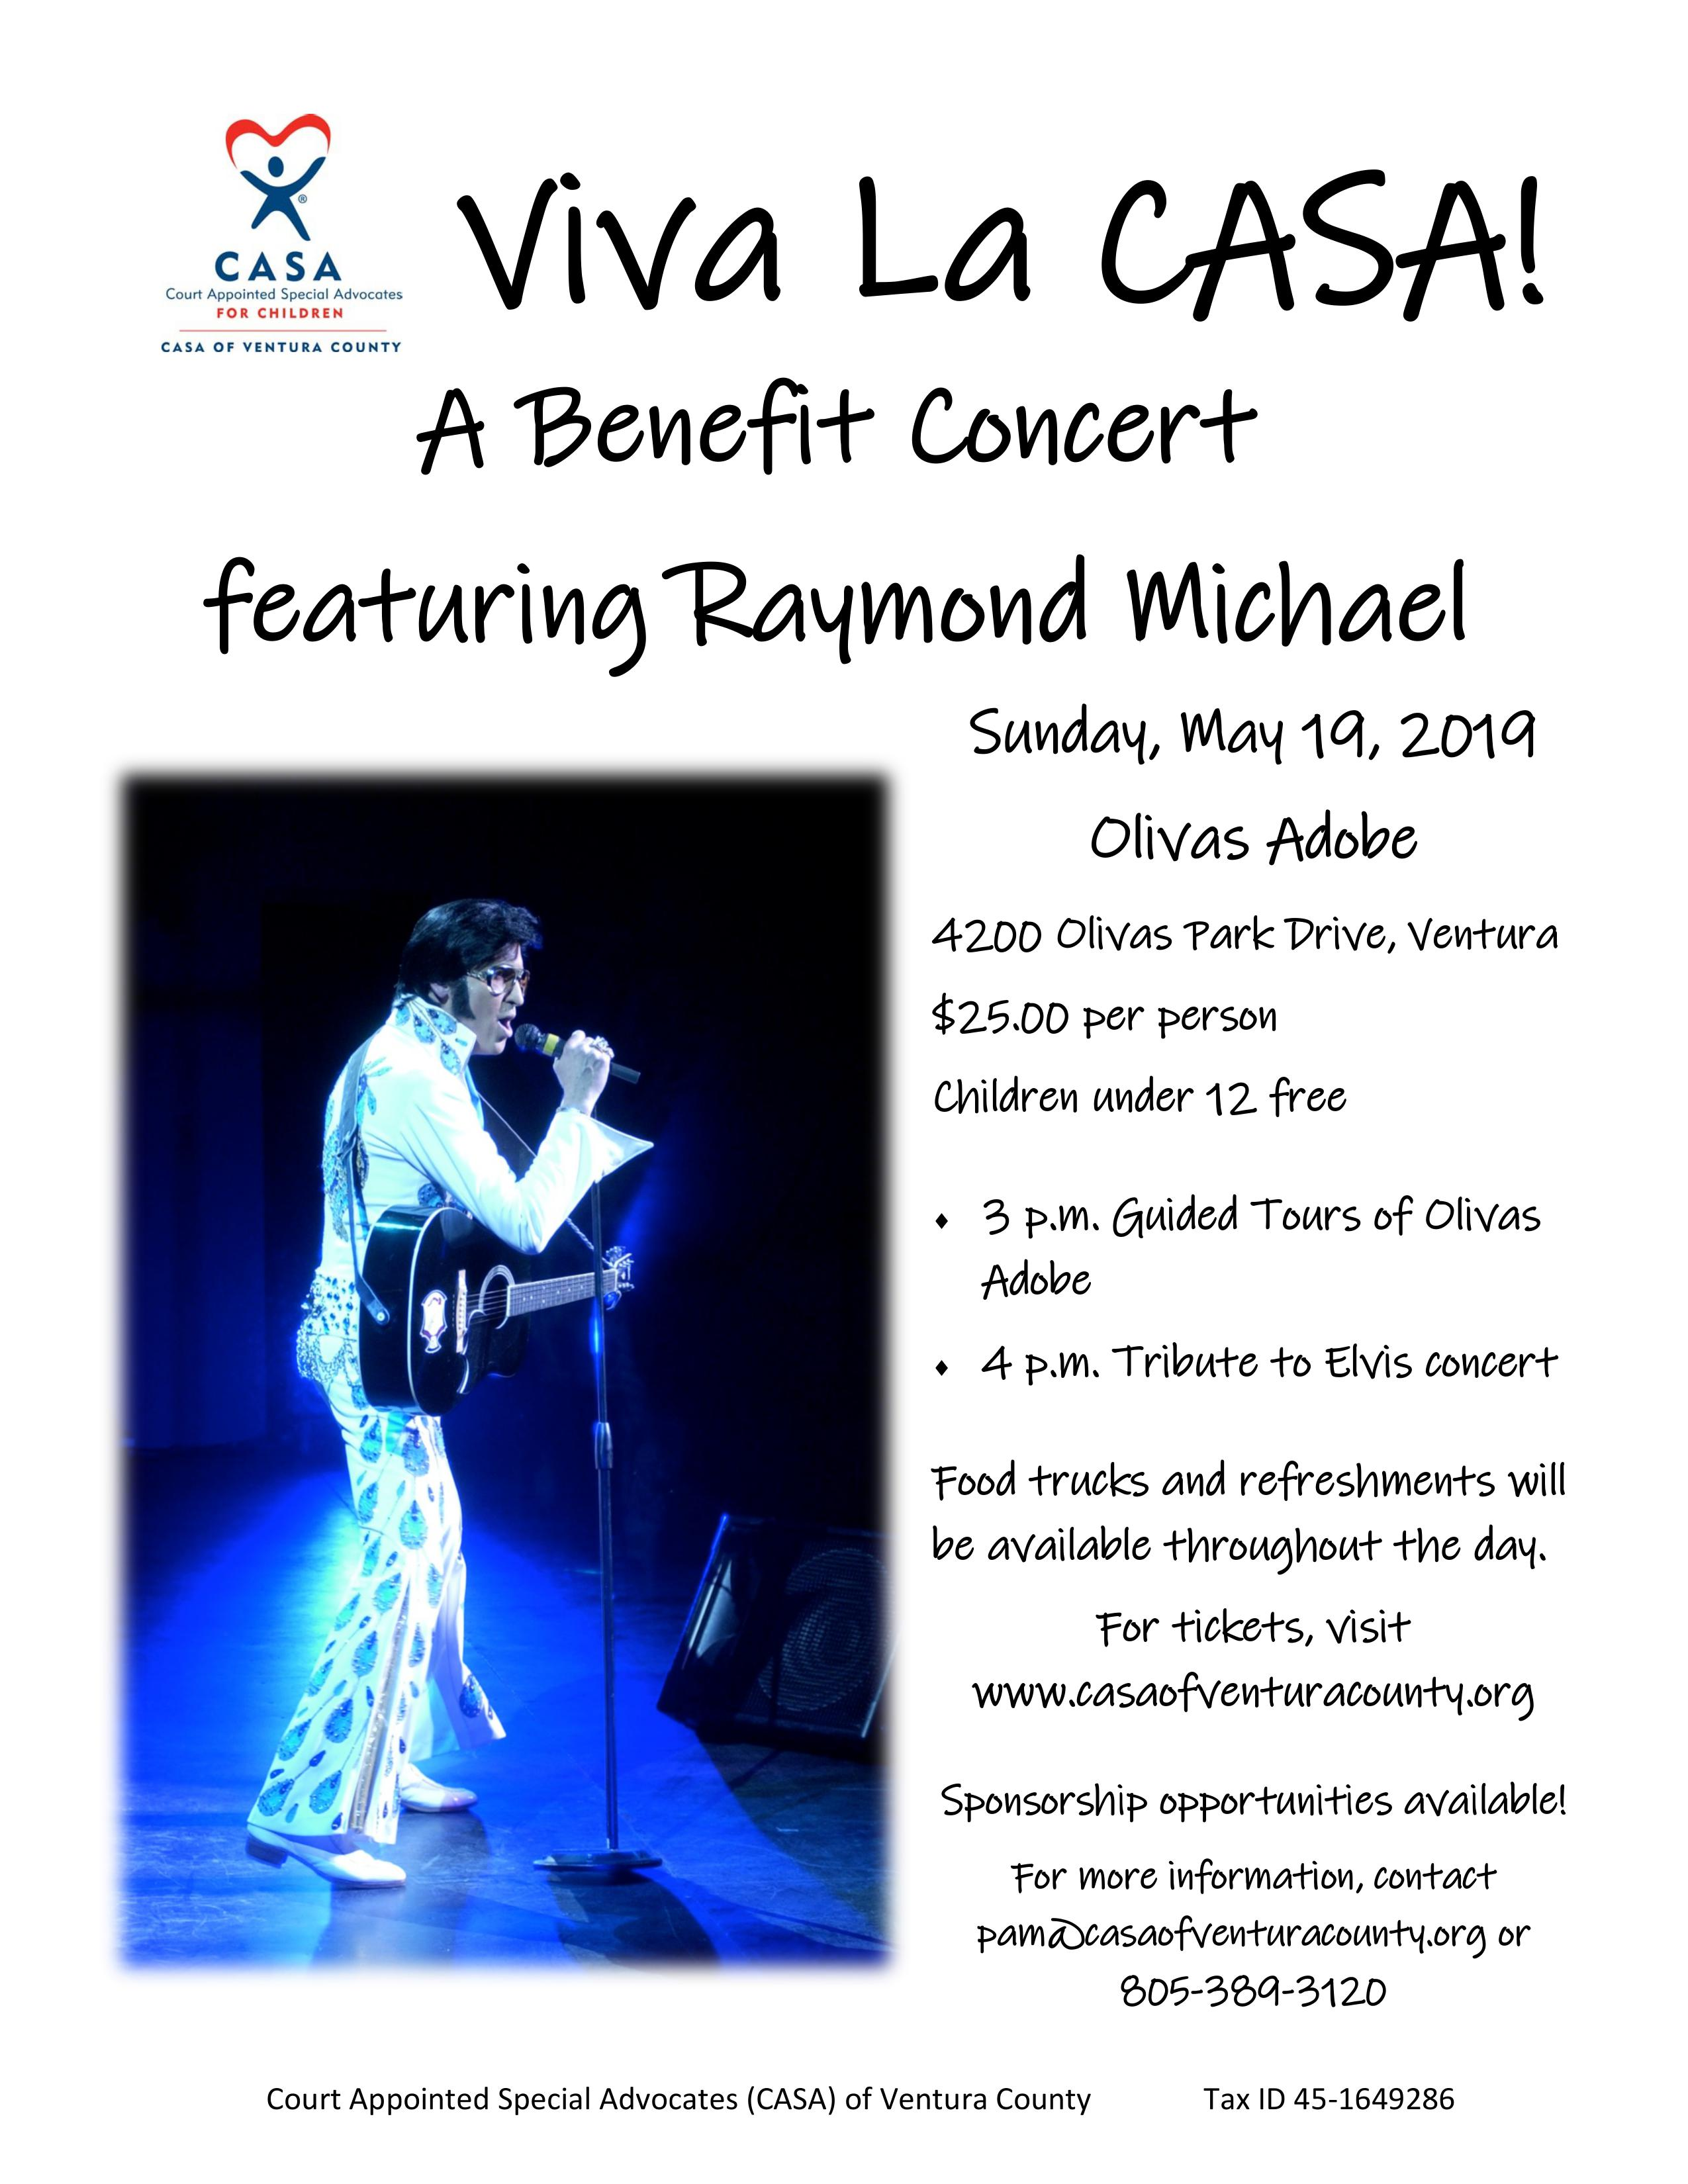 Viva La CASA! A benefit concert!